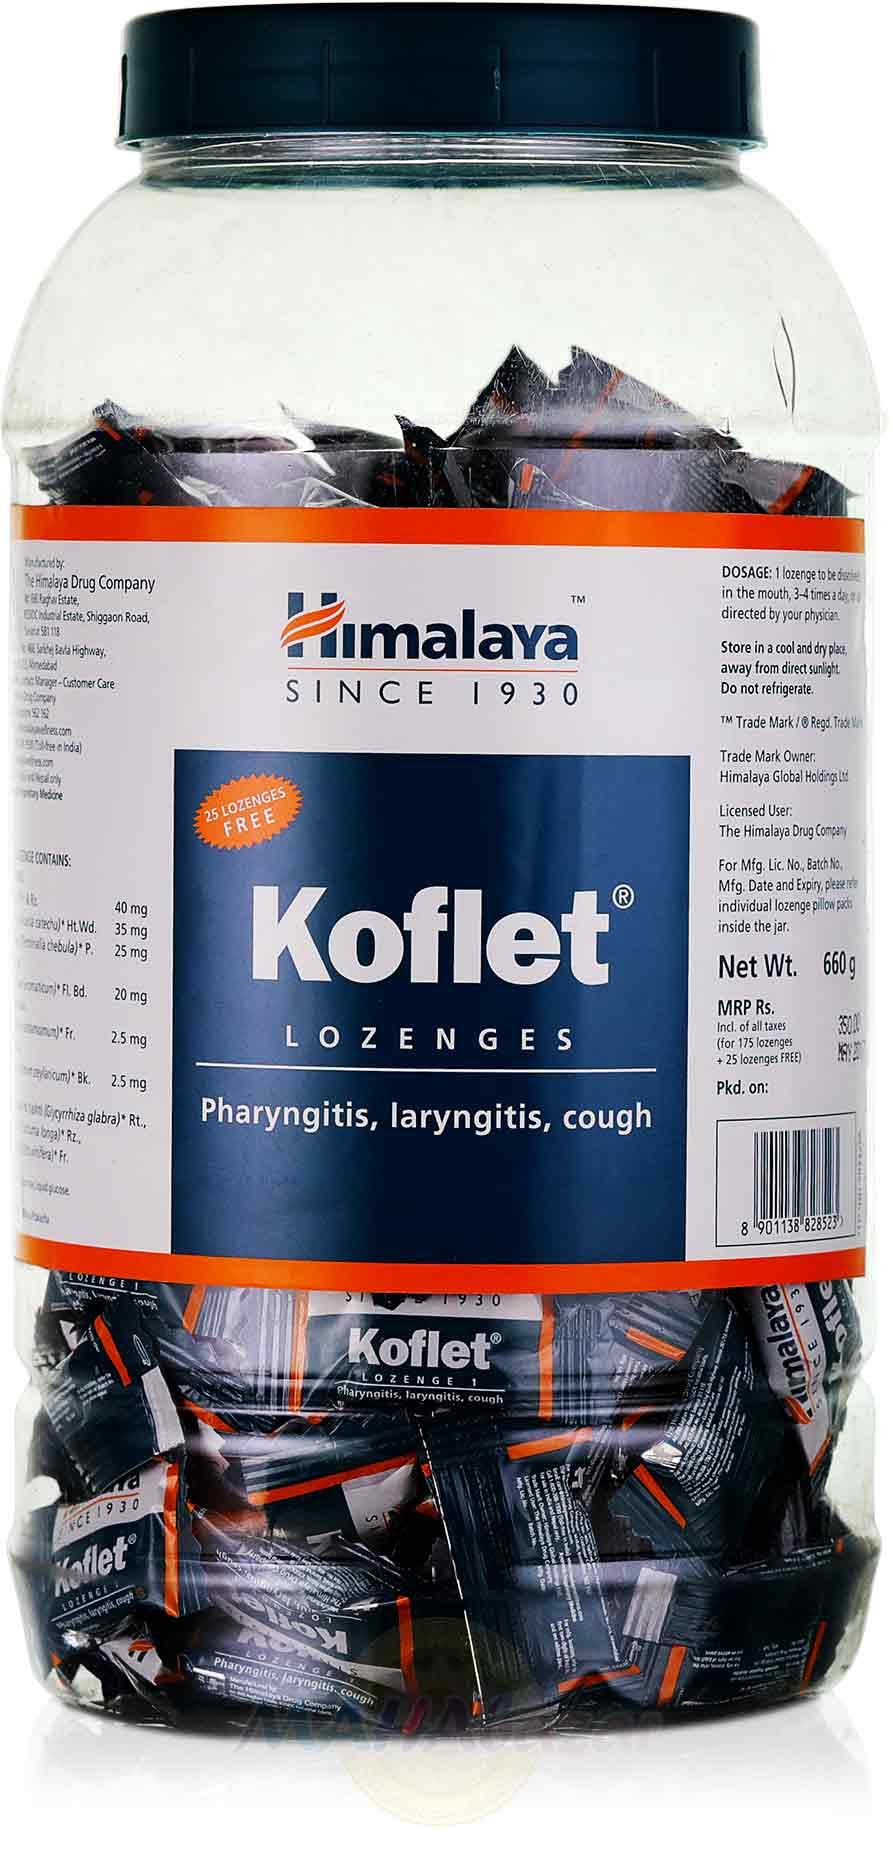 Леденцы от кашля Кофлет, 200 шт, Хималая; Koflet, 200 pcs, Himalaya